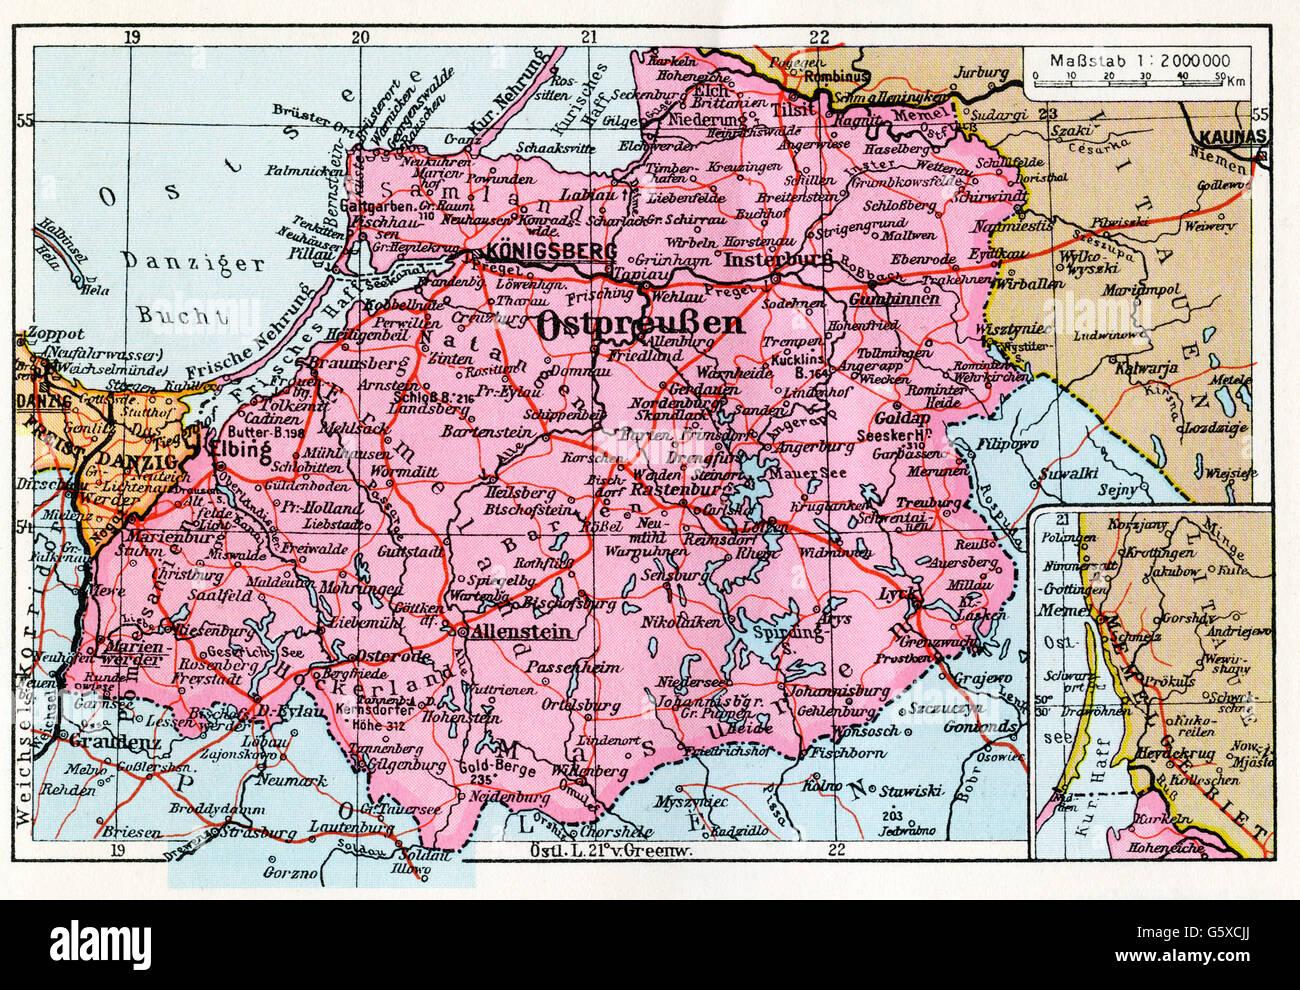 Cartina Europa 1938.Cartografia Cartina Europa Germania Distretto Prussia Orientale Politischer Handatlas Georg Westermann Brunswick 1938 Diritti Aggiuntivi Non Disponibili Foto Stock Alamy